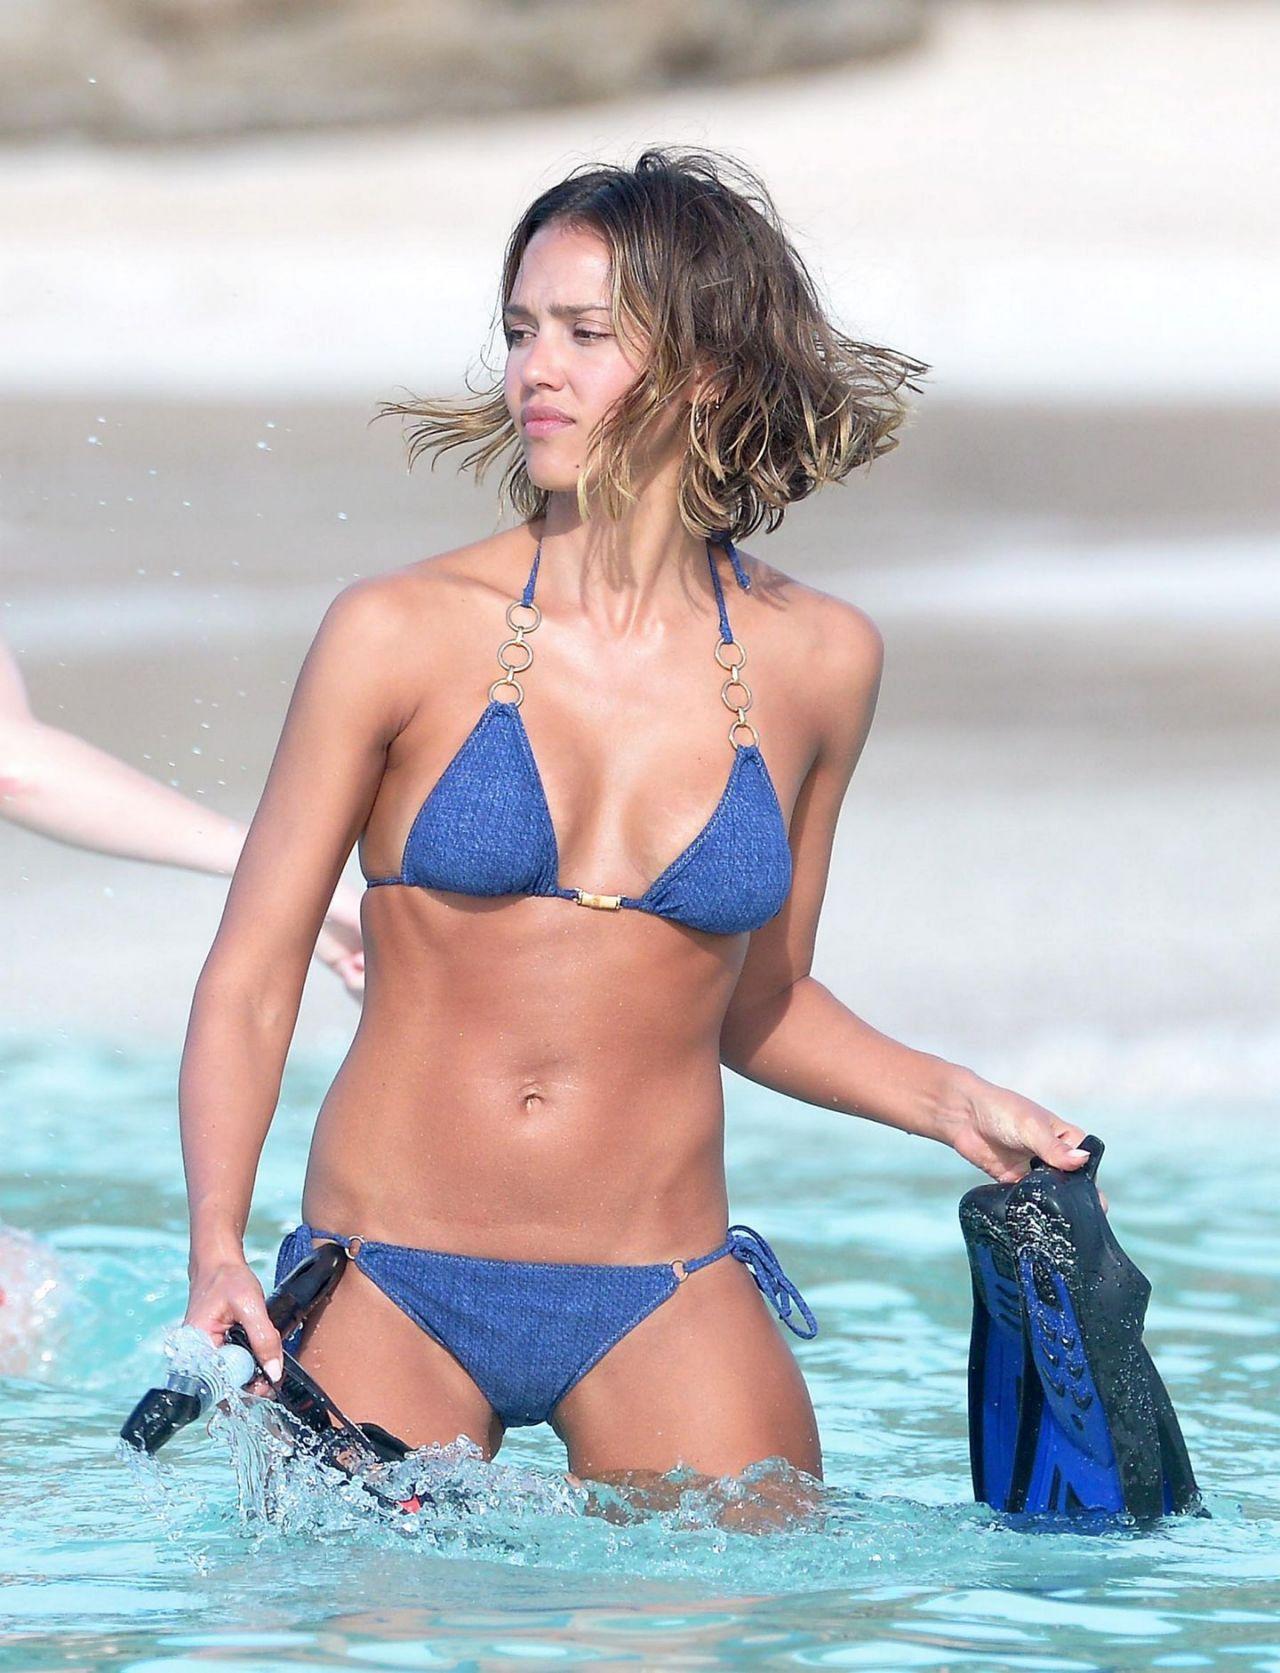 fat-camera-jessica-alba-bikini-pictures-carla-jiraldo